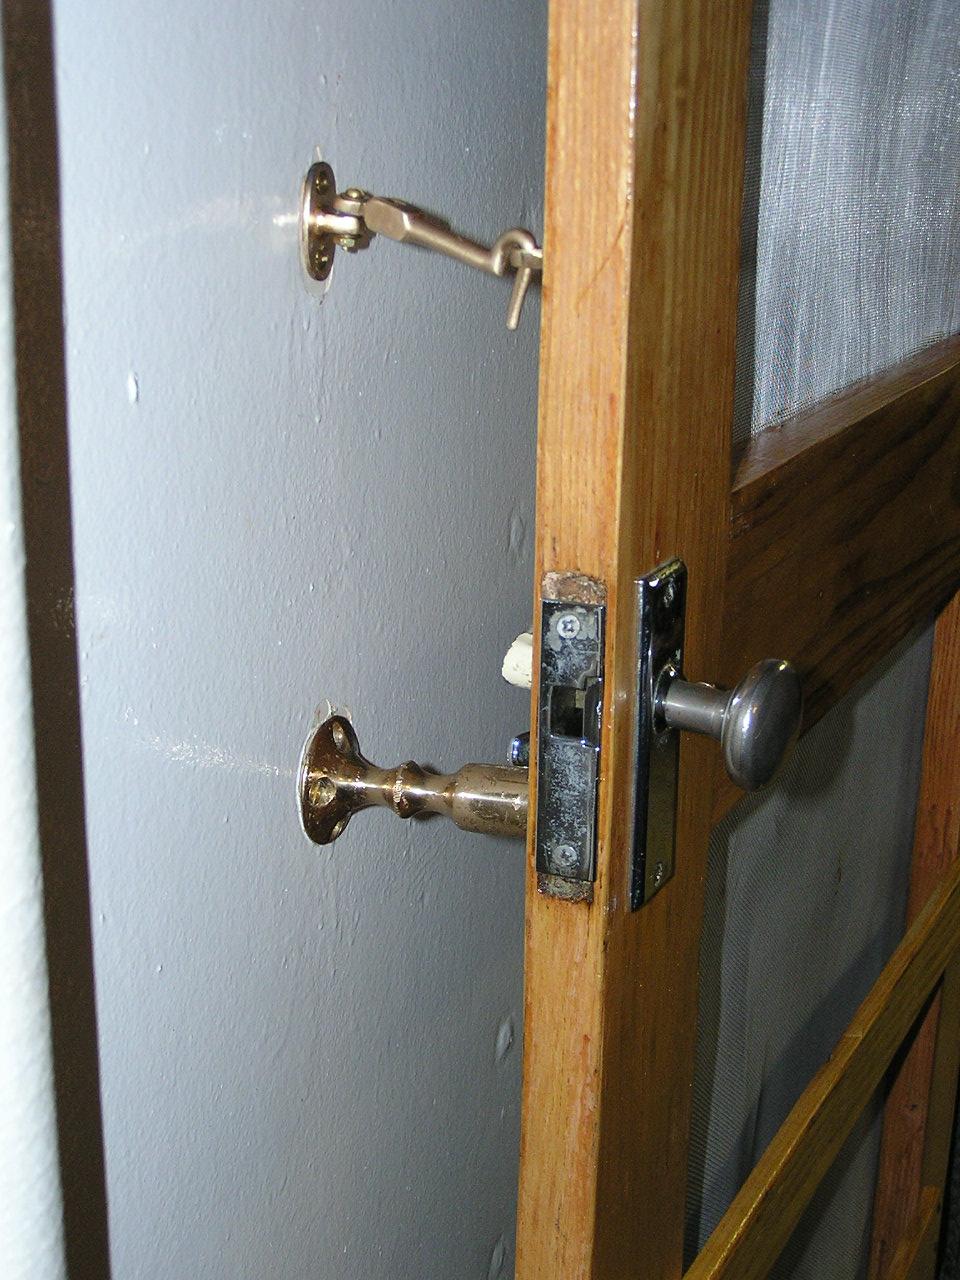 Wardroom screen door - After - 2010